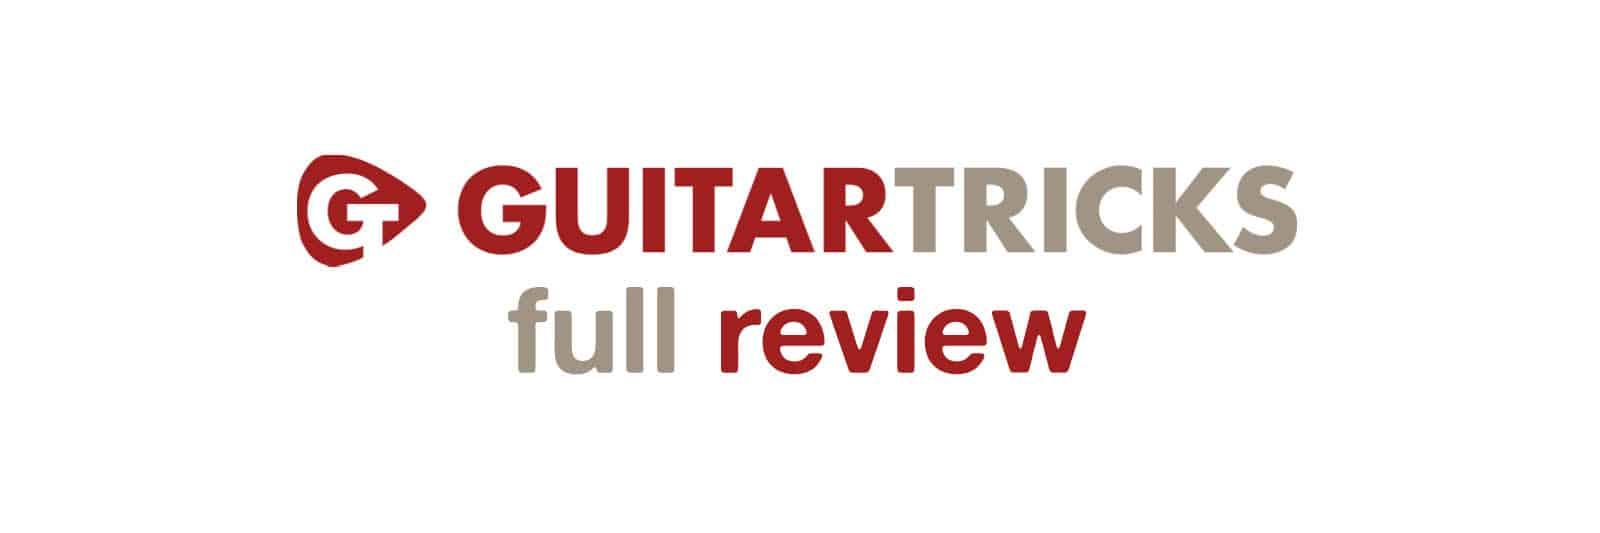 guitar-tricks-review